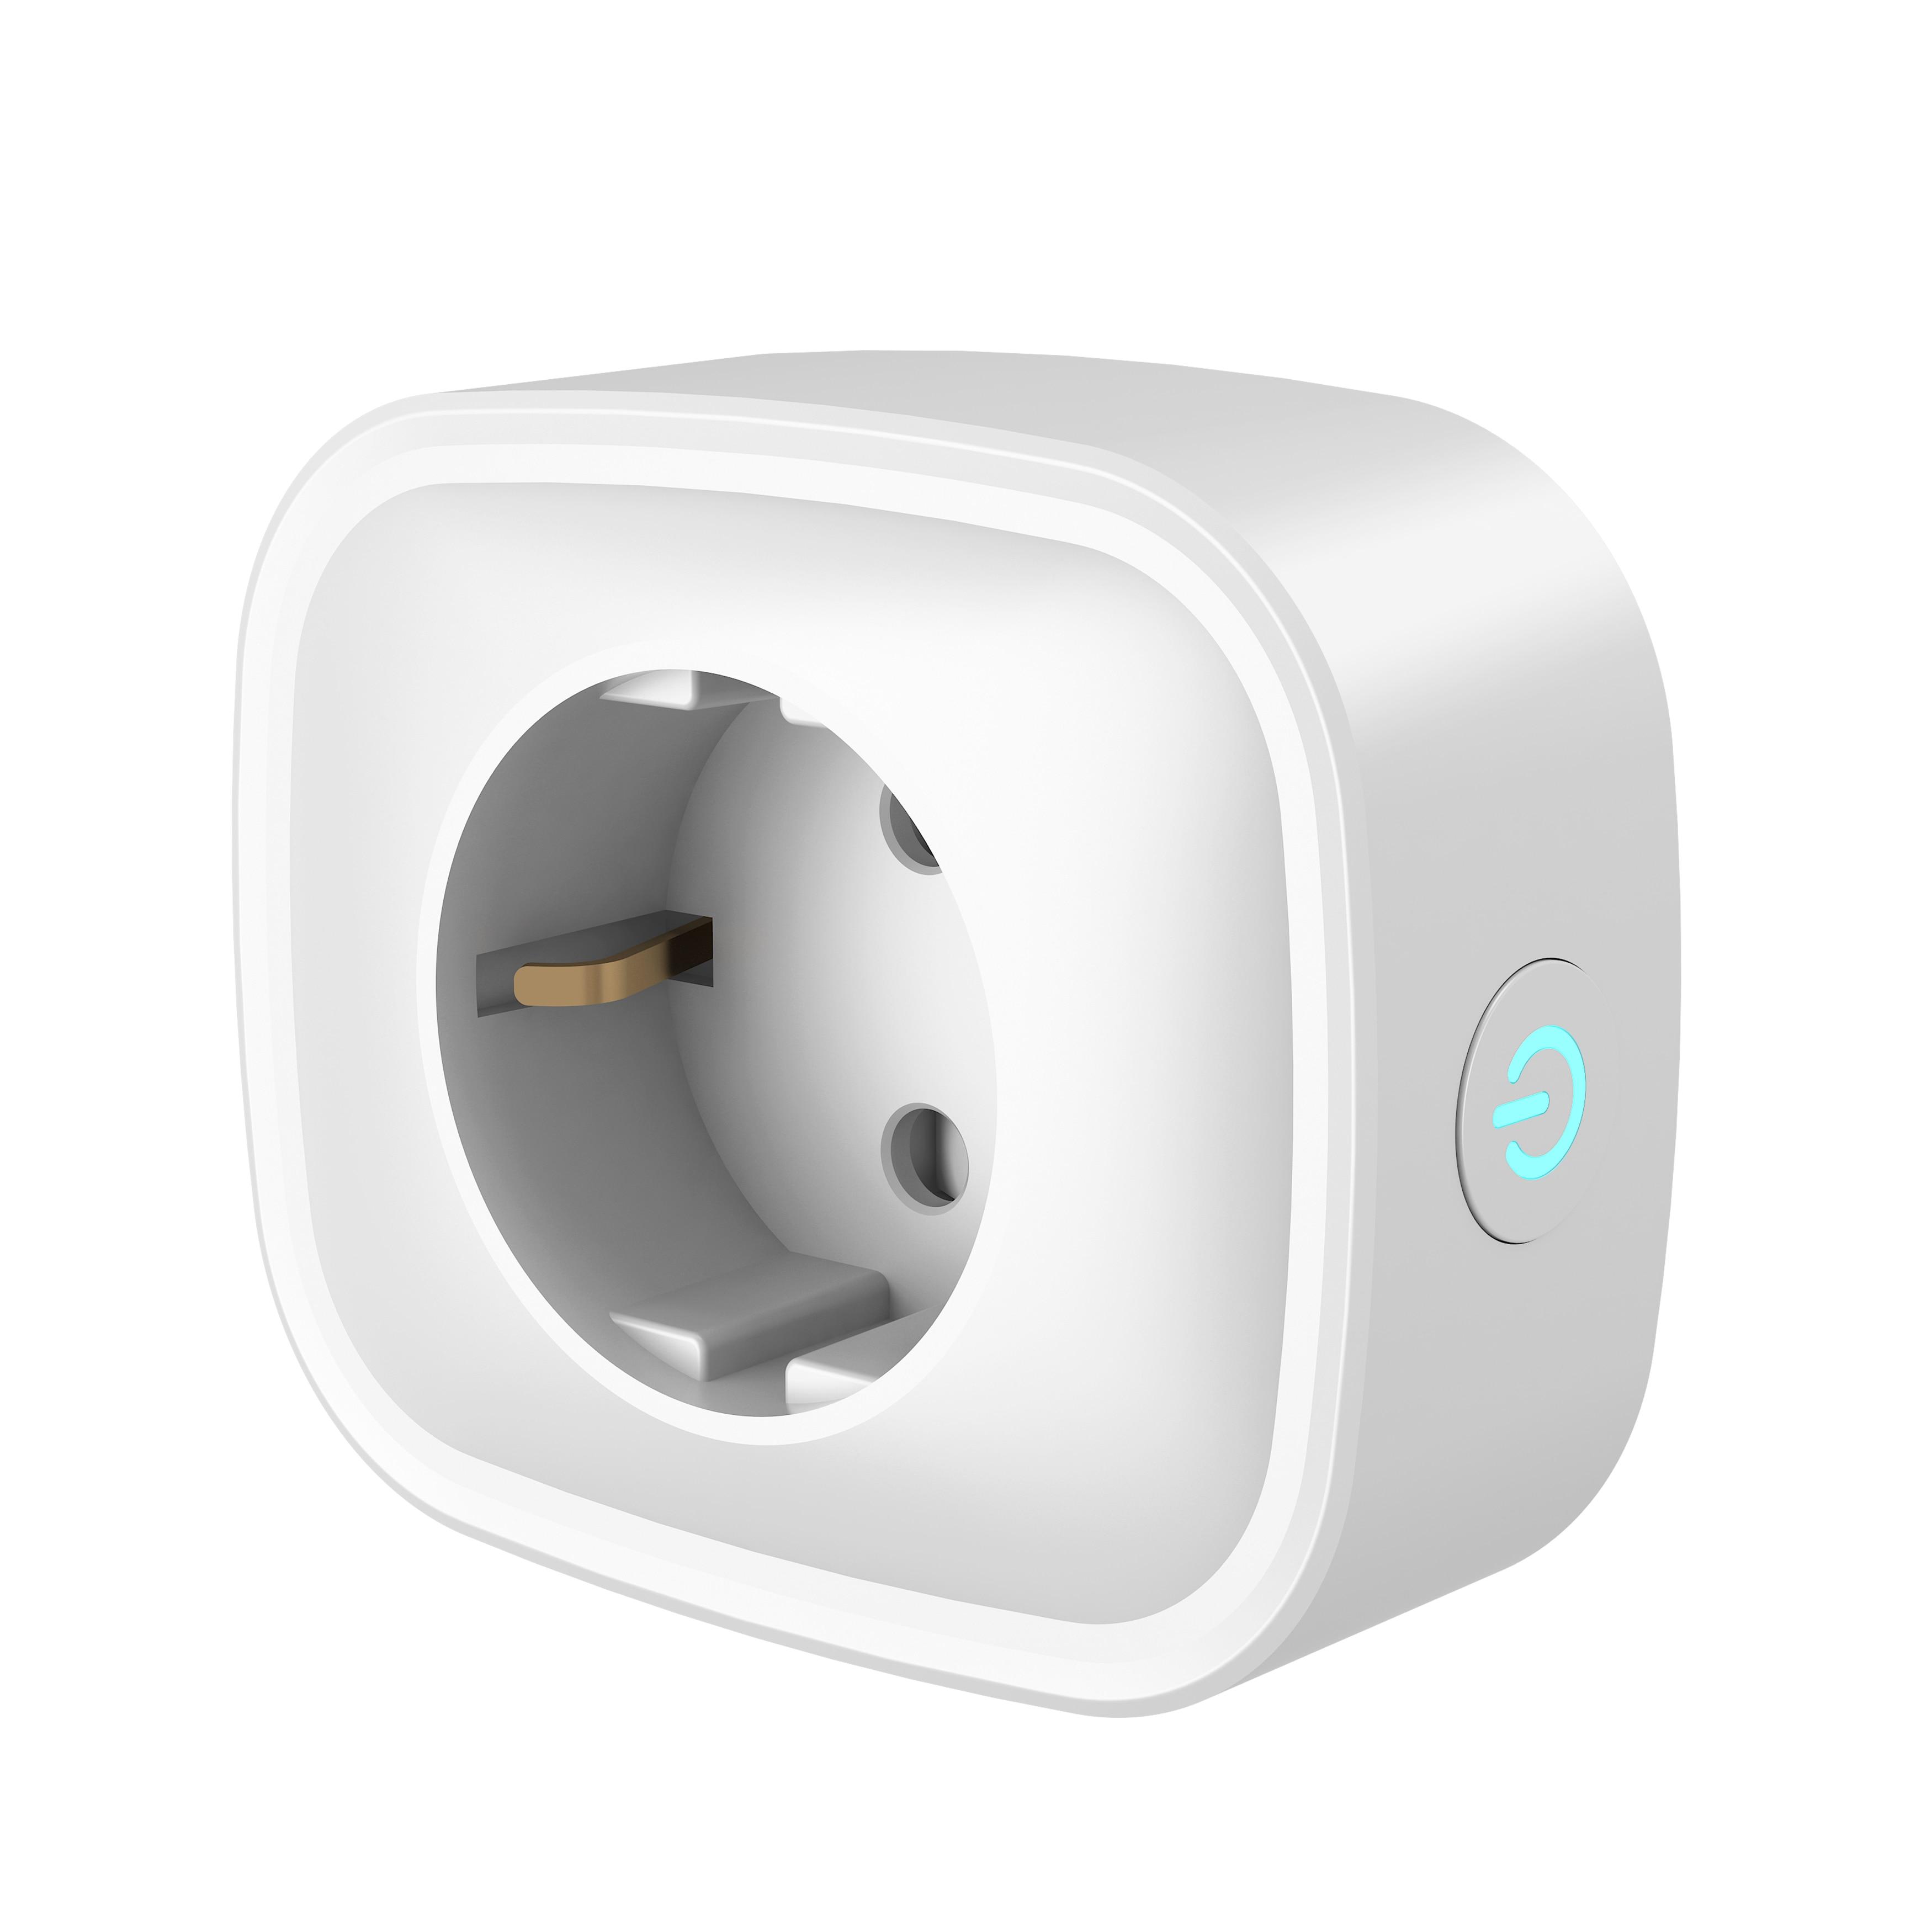 Gosund wifi prise plug EU 4 шт упаковка электрическая мини умная розетка для немецкой станции - 4